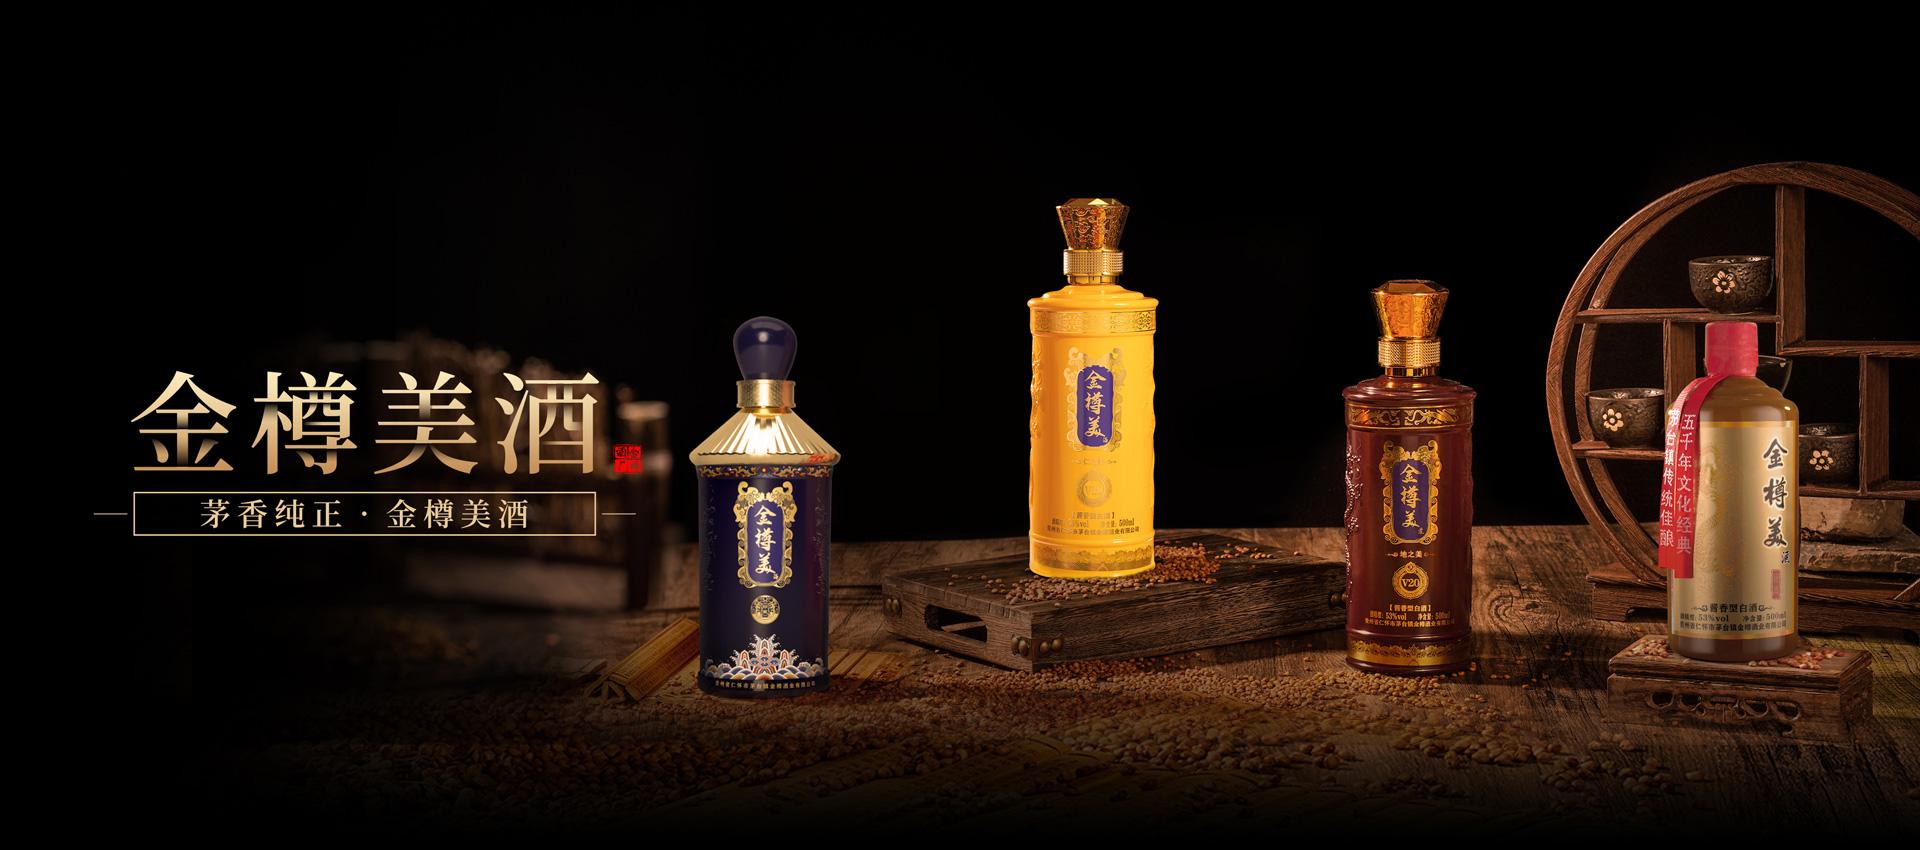 金樽美酒系列